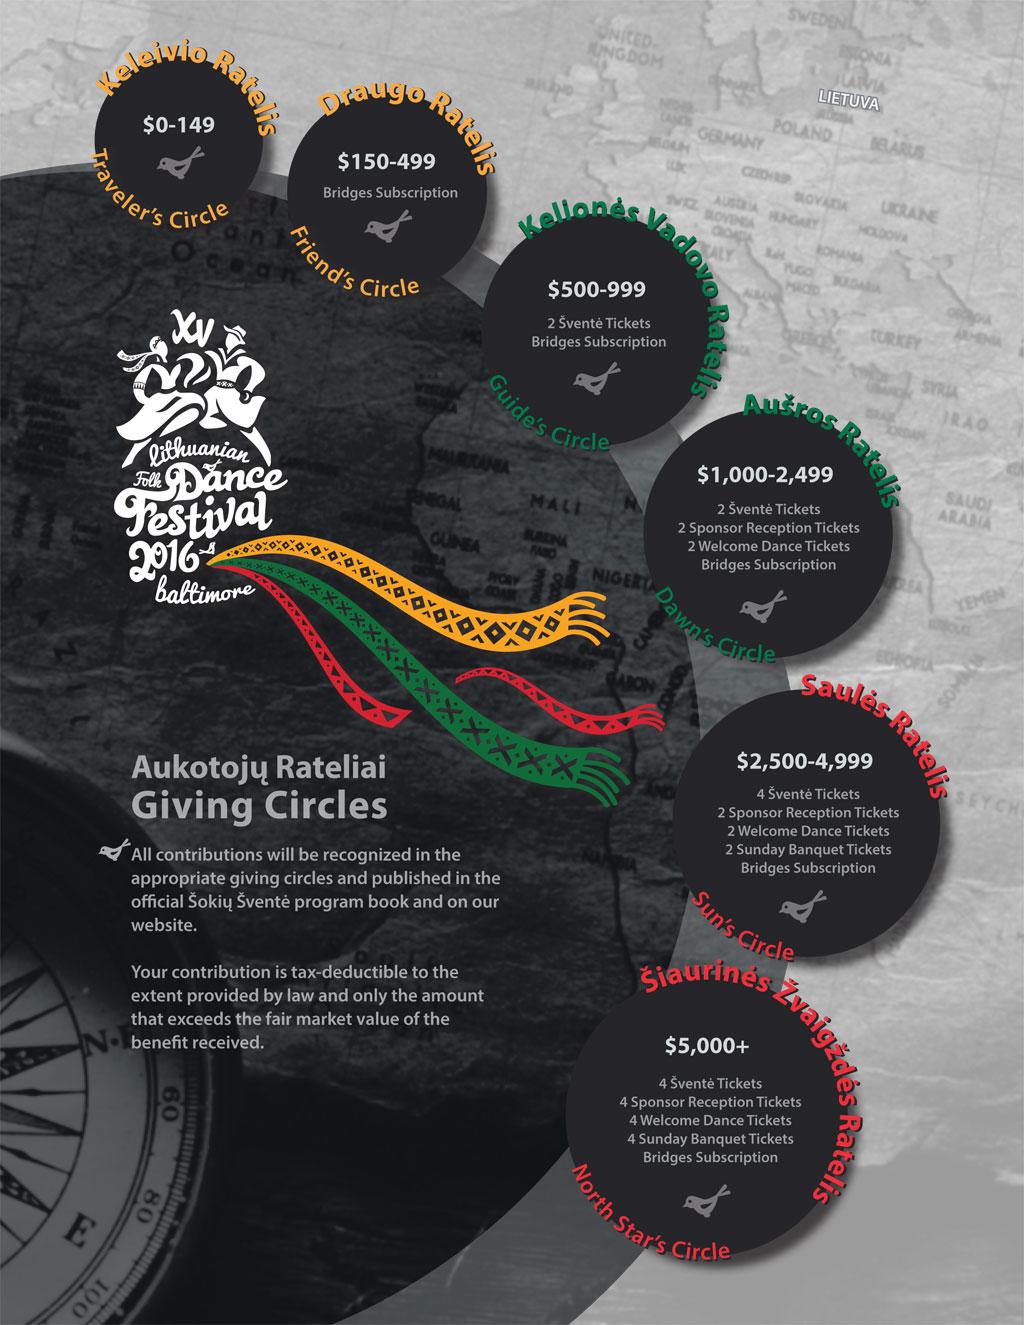 aukotoju-rateliai-giving-circles